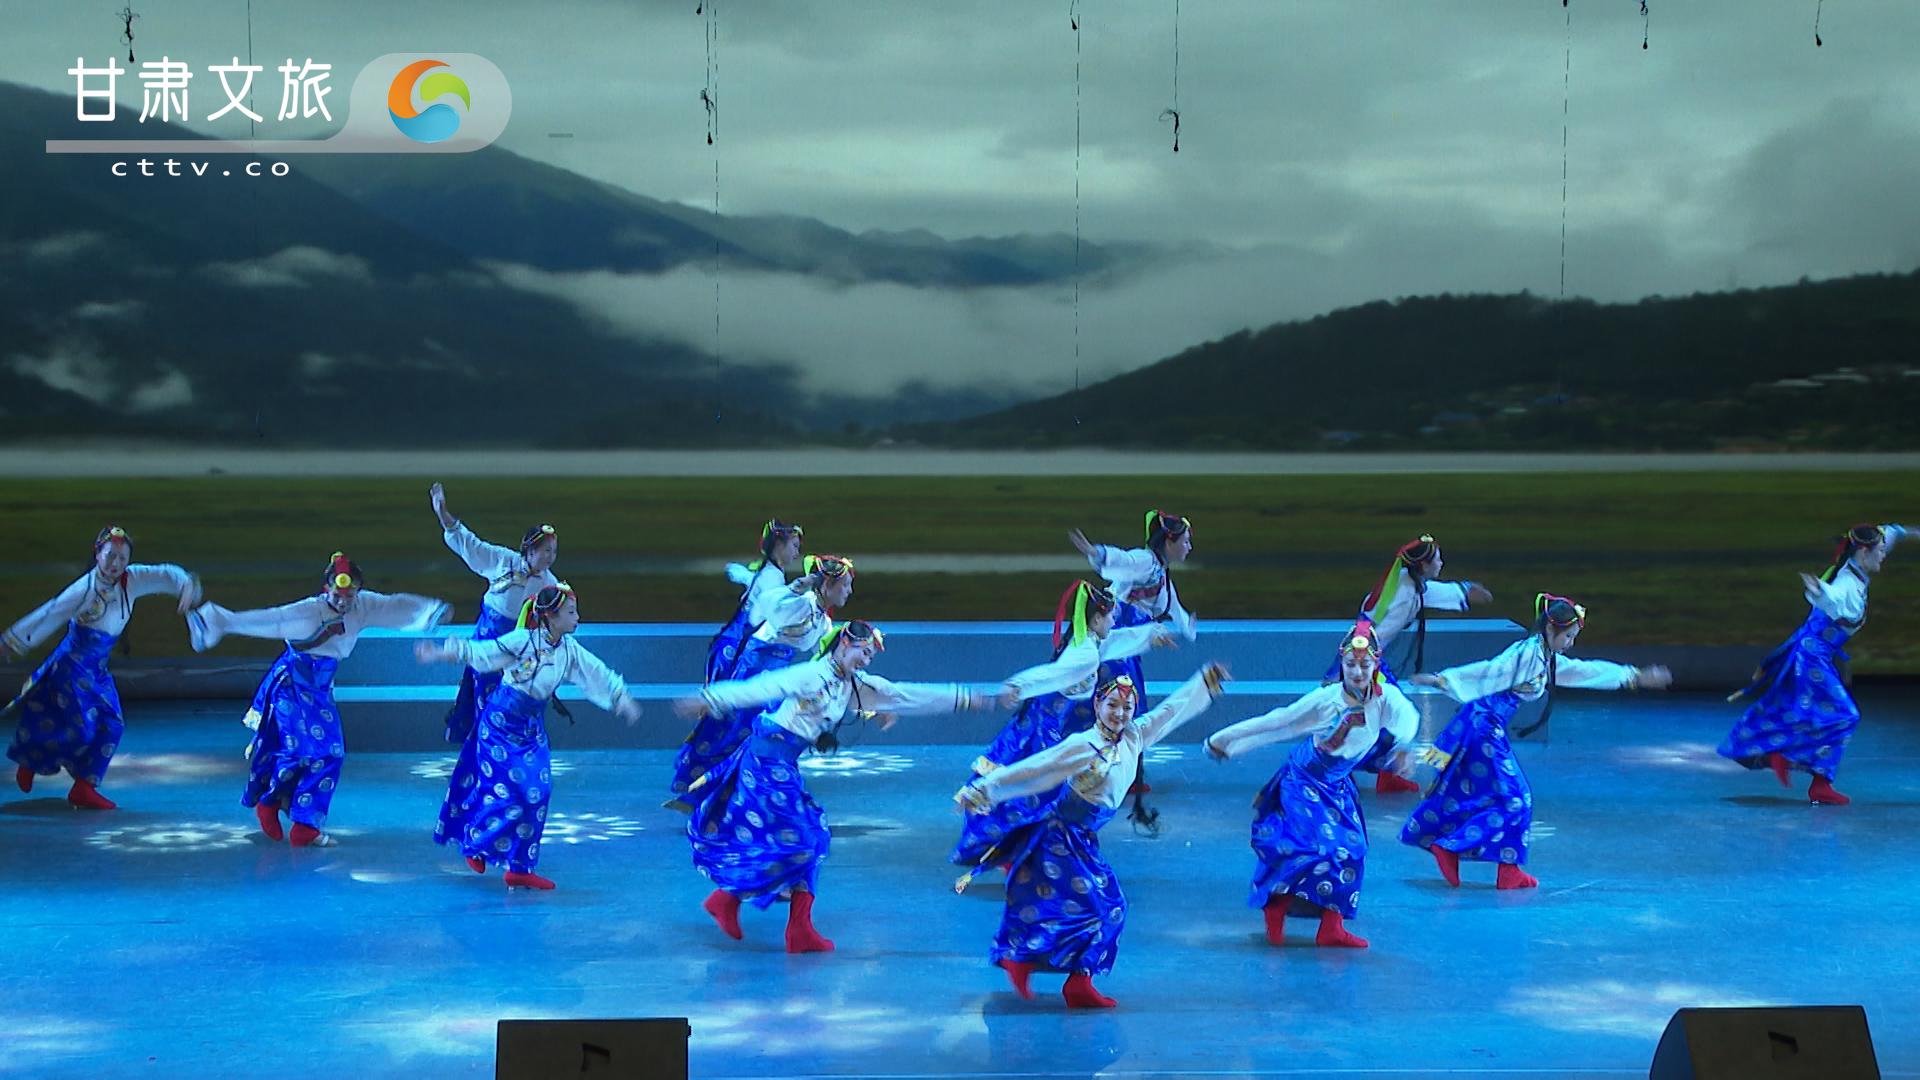 来感受来自雪域高原的优美舞蹈吧